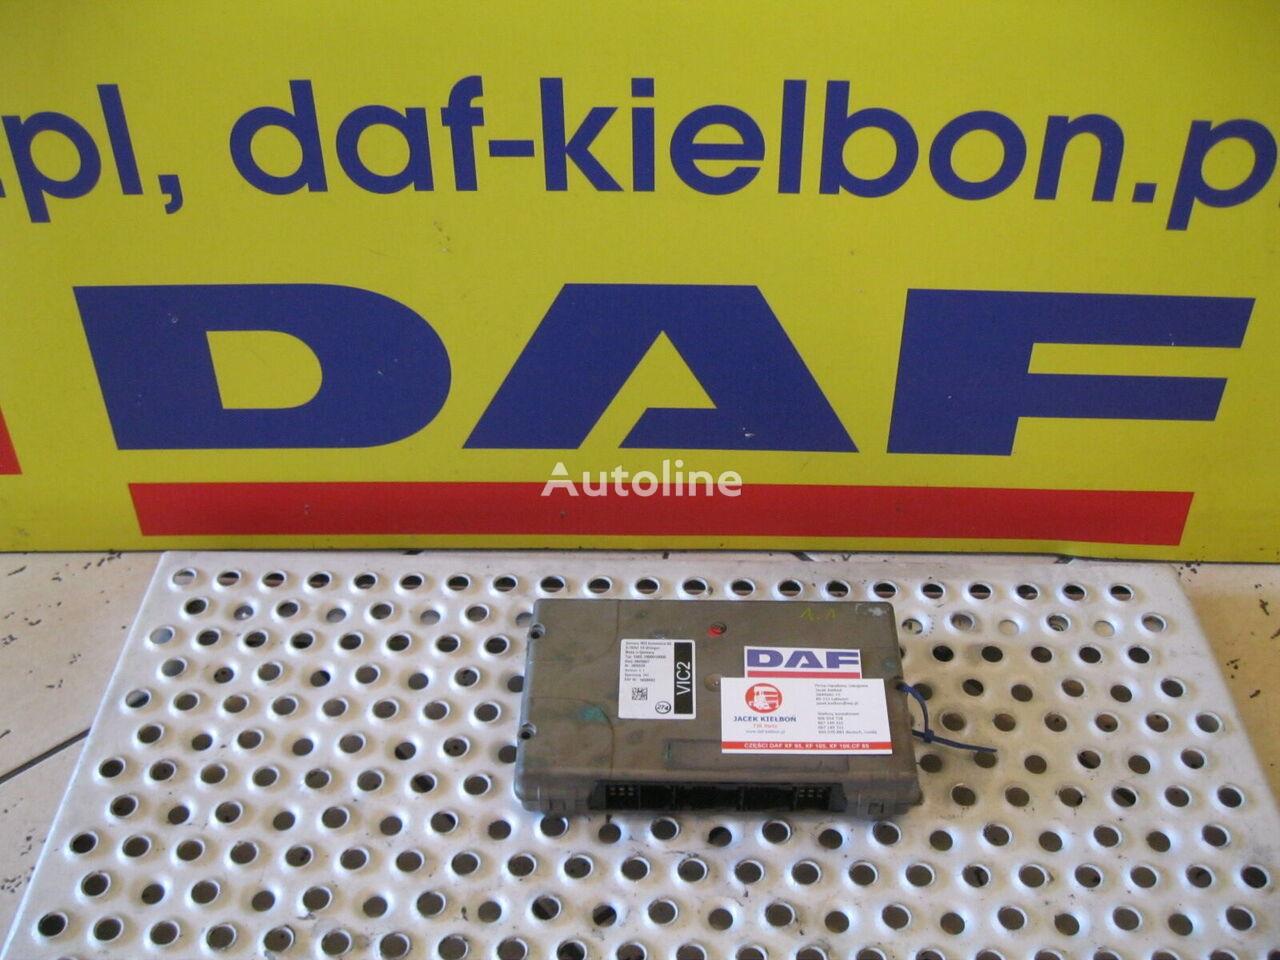 jednostka sterująca DAF STEROWNIK VIC 2 1.1 1.0 do ciągnika siodłowego DAF XF 105 / CF 85